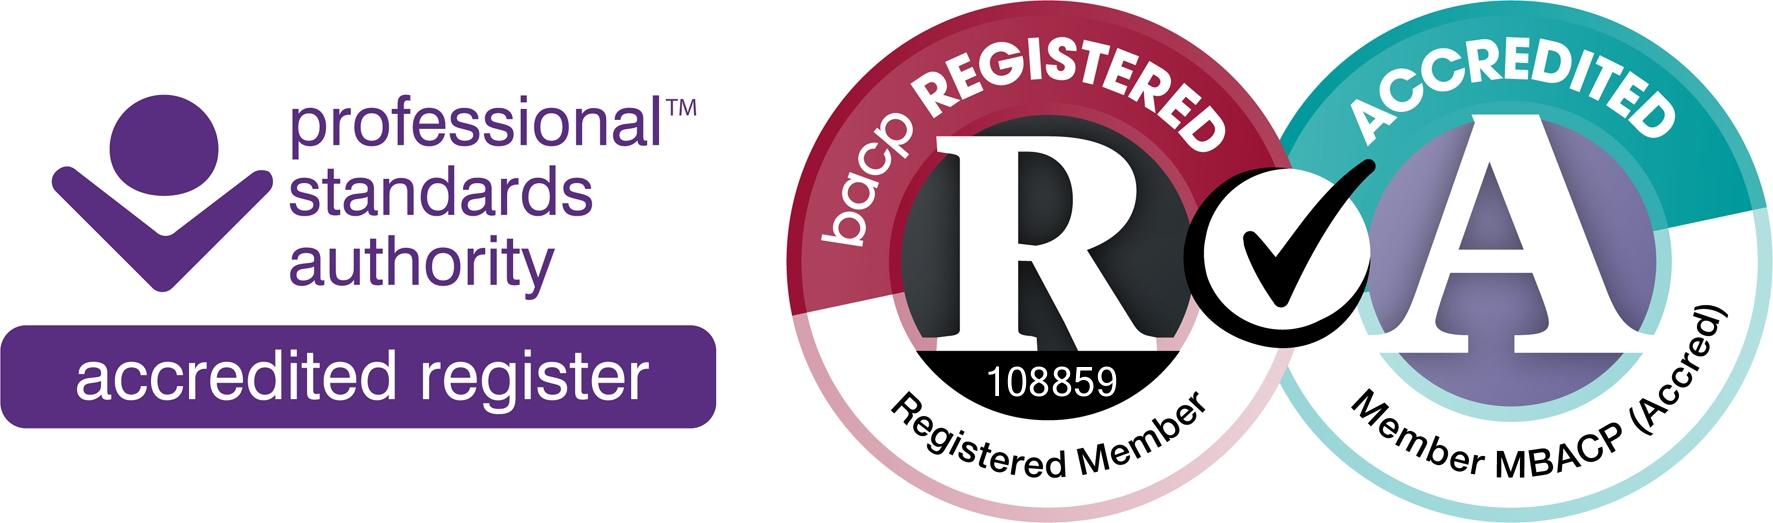 polskipsychoretapeuta-logo-rejestracja